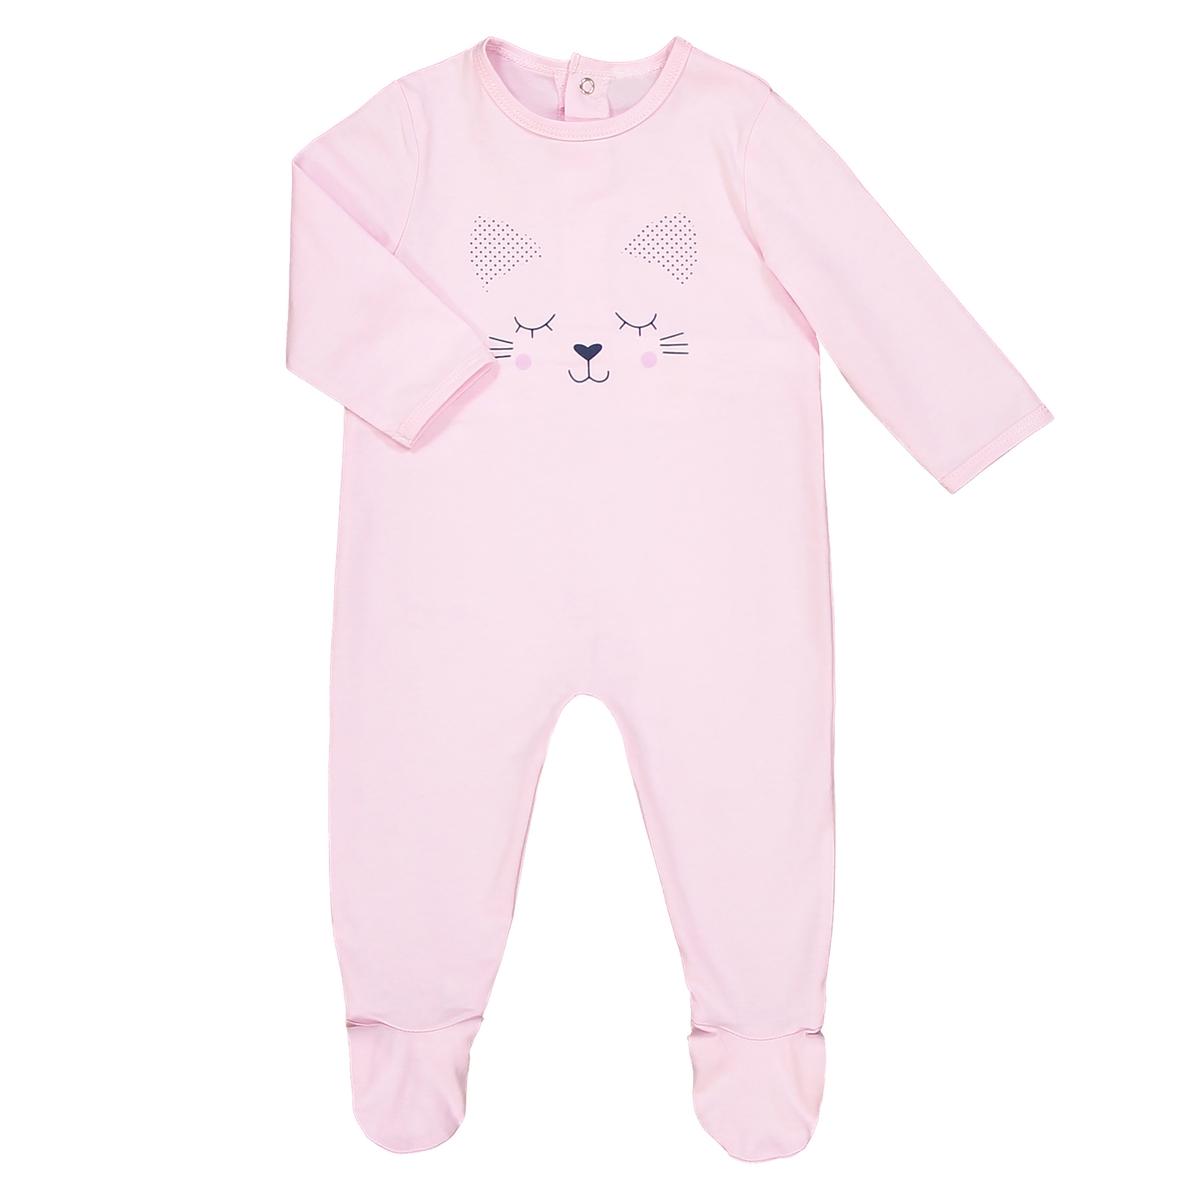 Пижама из хлопка с принтом кошка, 0 месяцев - 3 года пижама из хлопка джерси